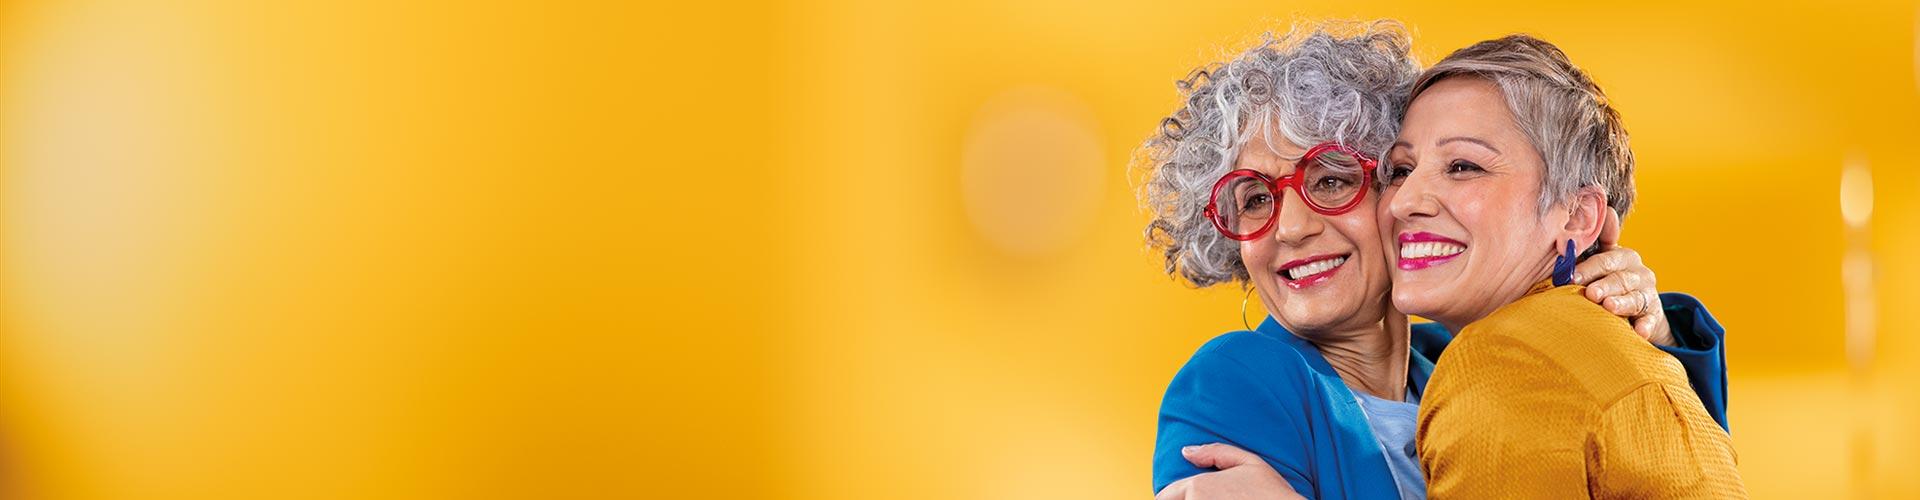 抱擁しあう2人女性。1人はPhilips HearLinkのつけていることが外から見えない耳あな型補聴器IICを装用している。